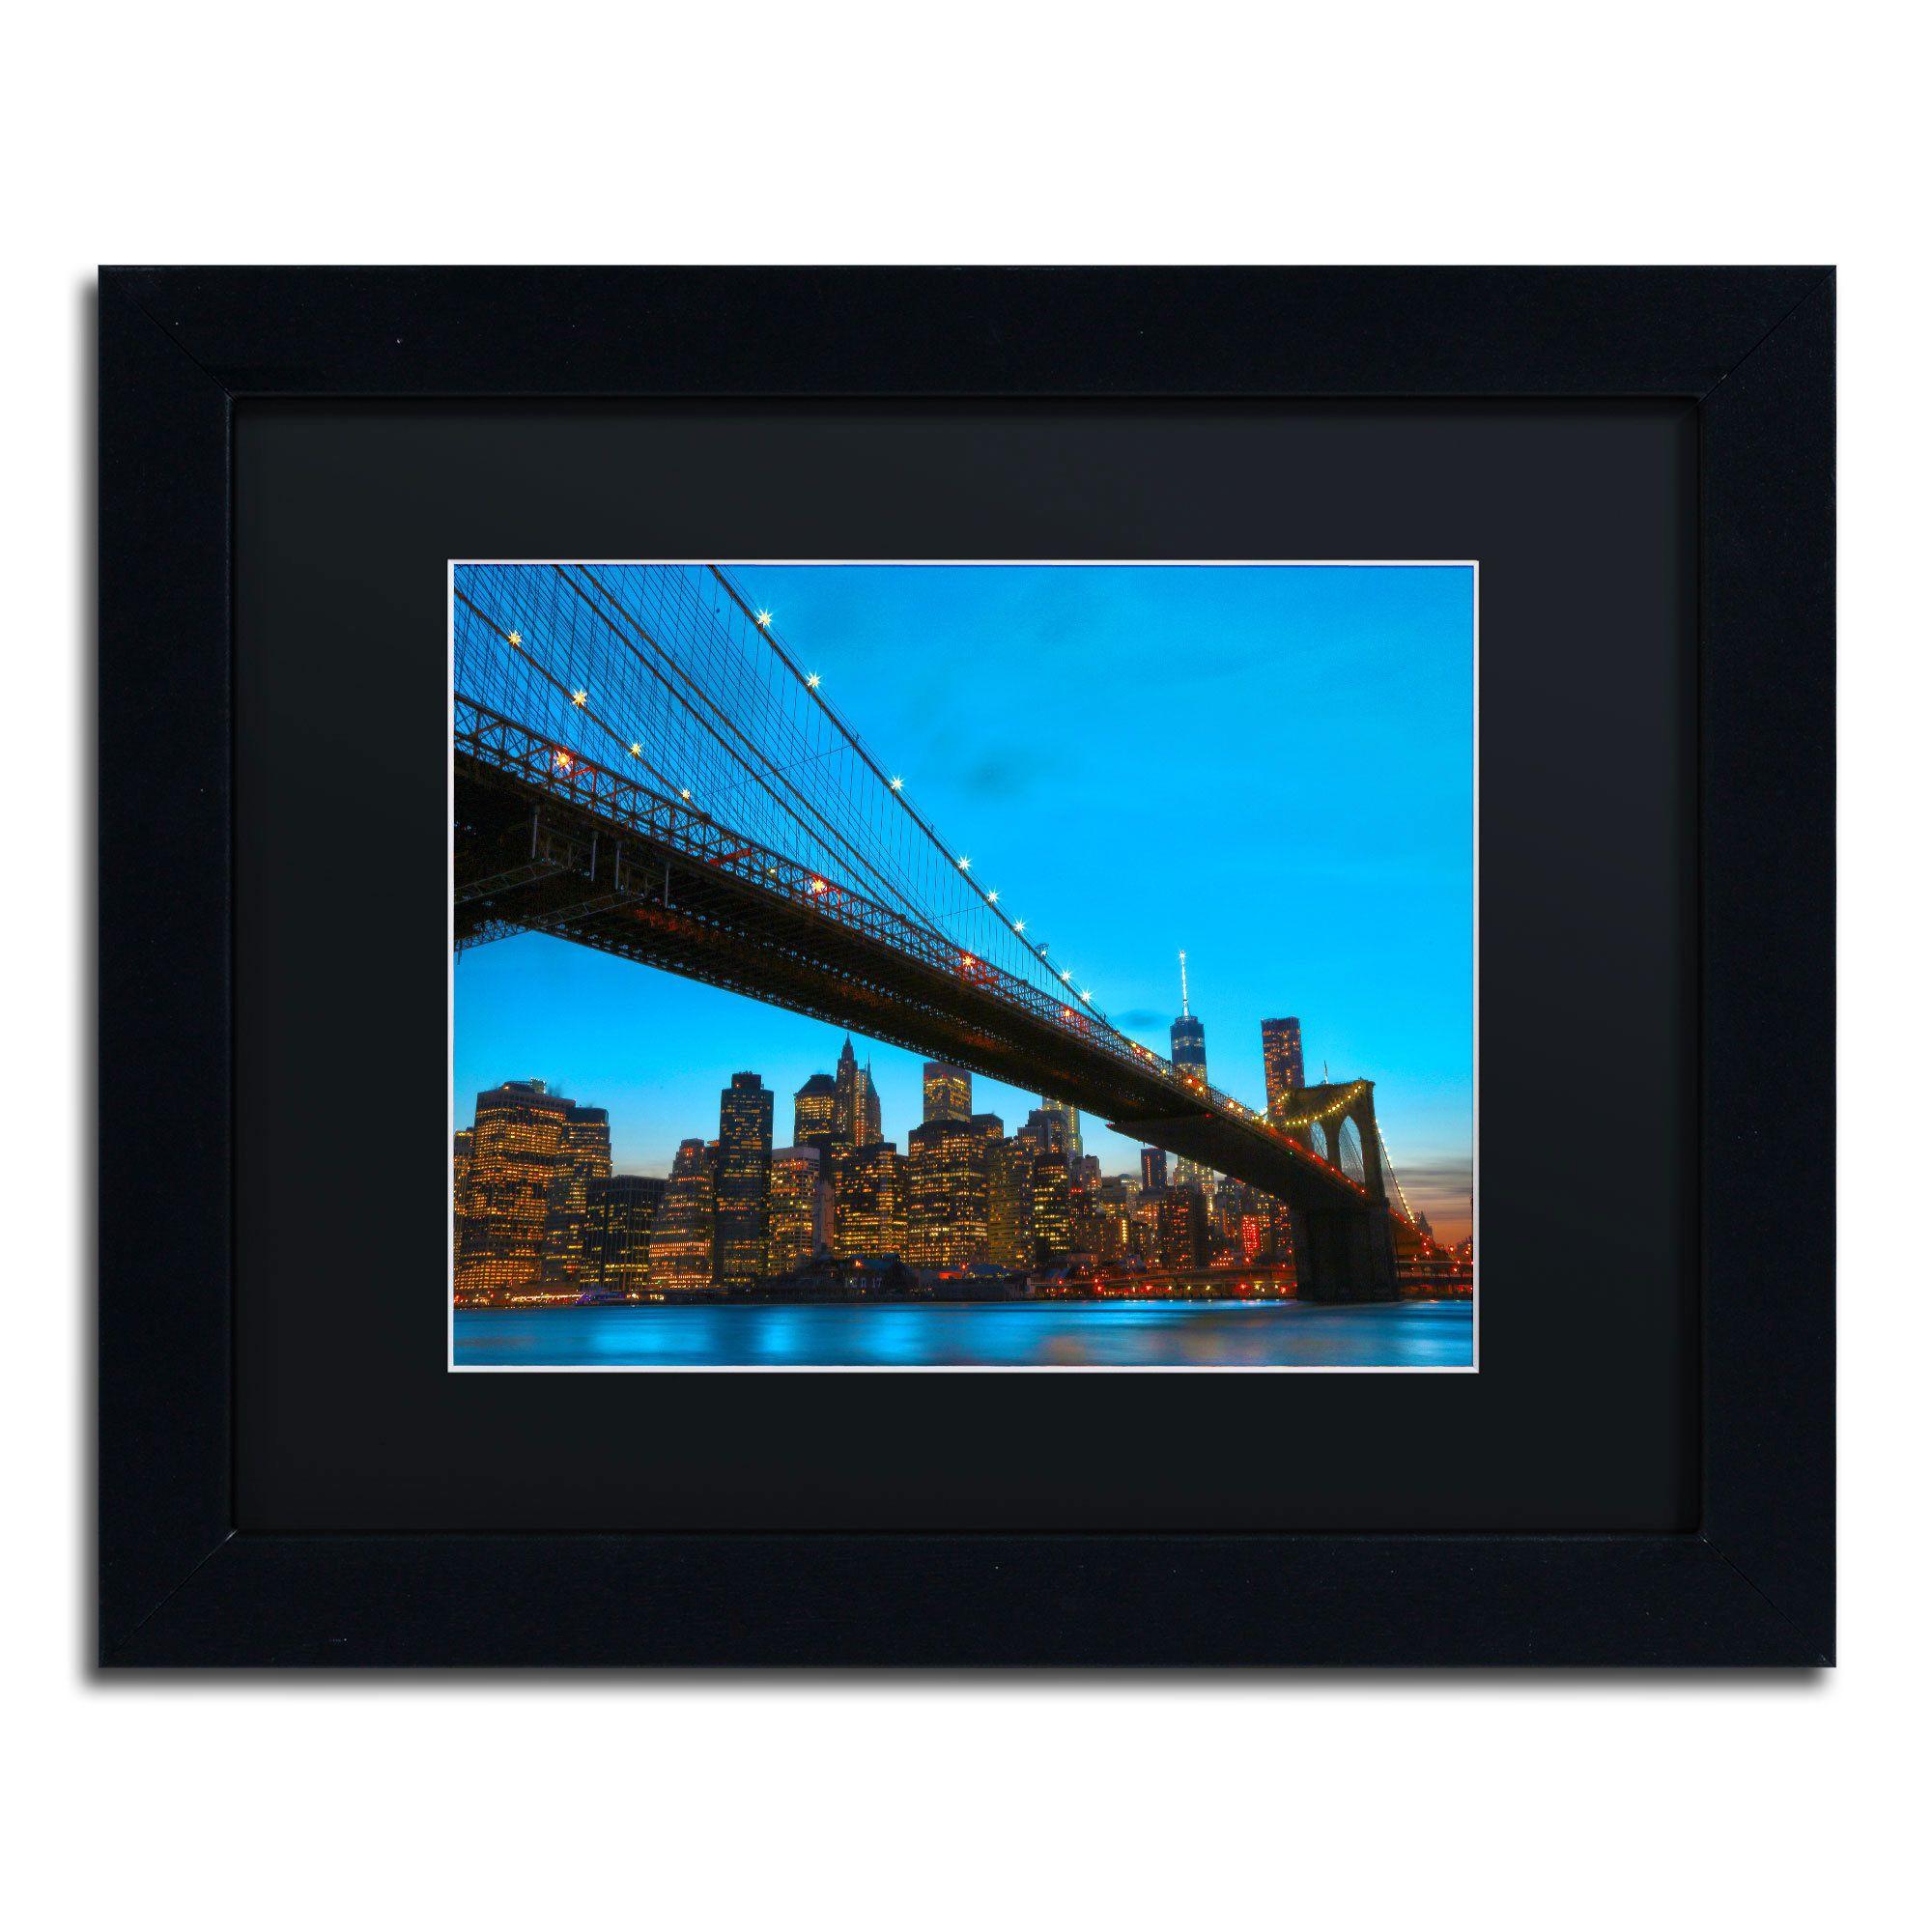 Cateyes ubrooklyn bridge u black matte black framed wall art by